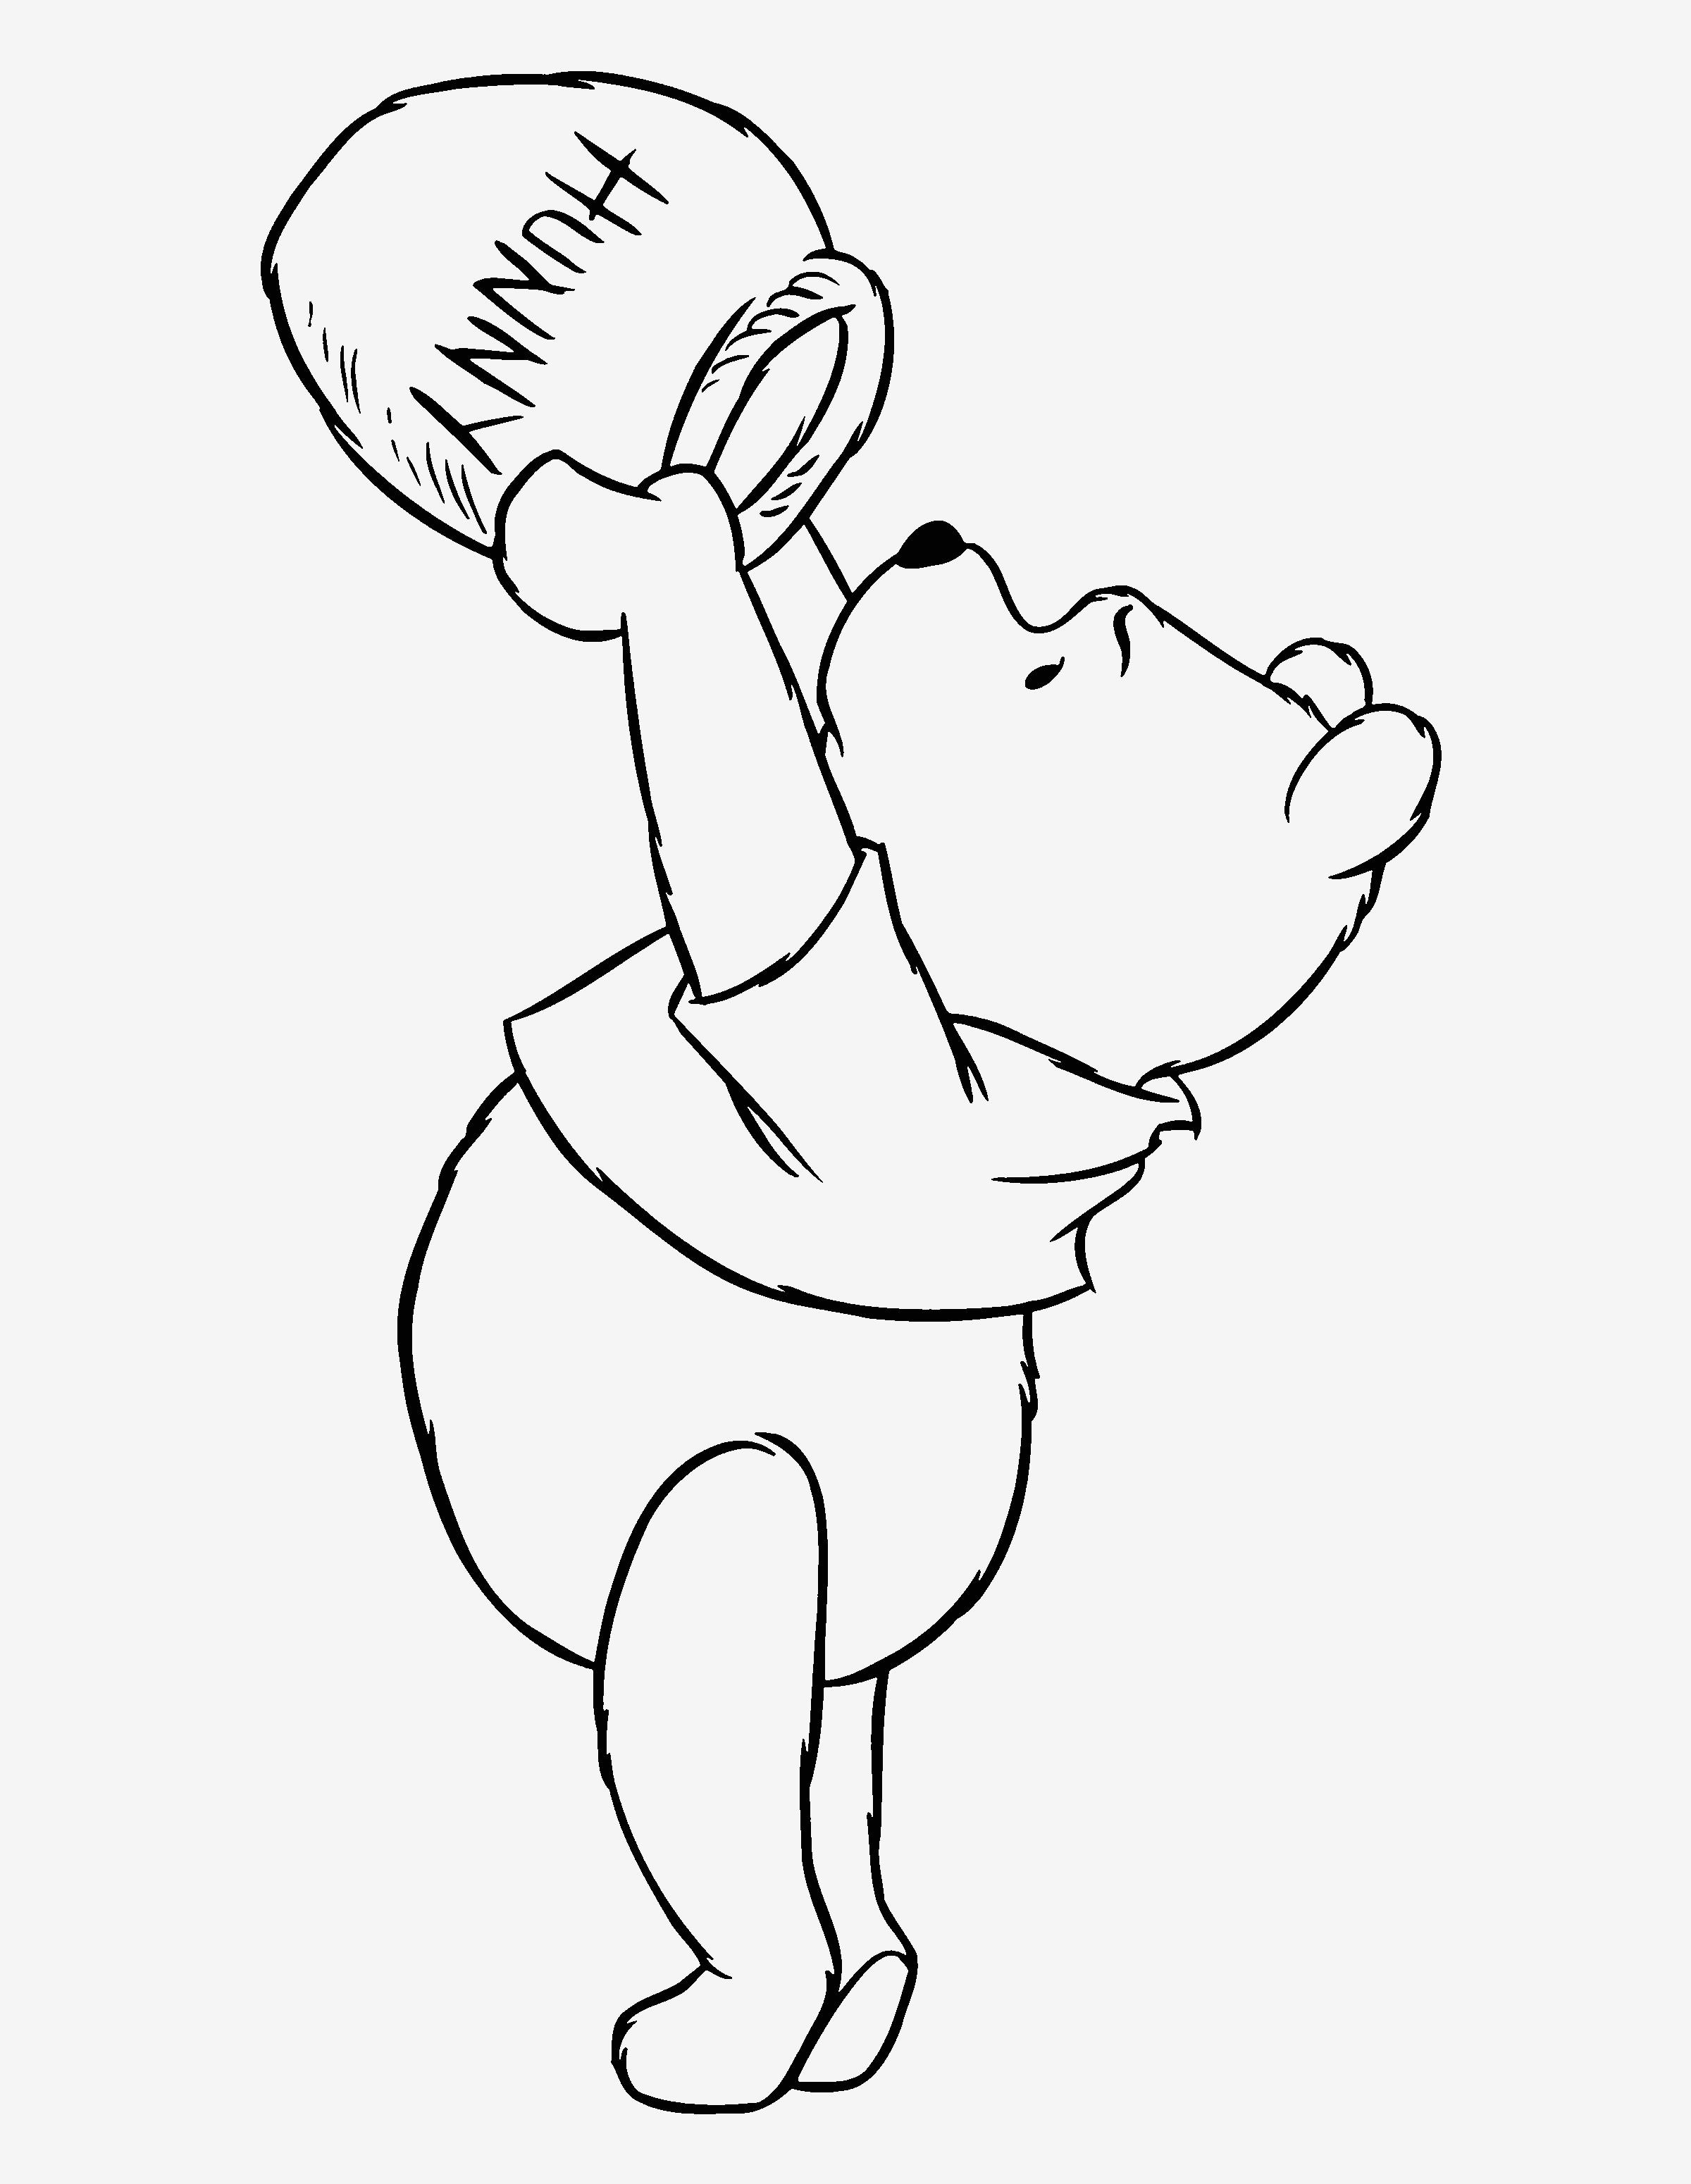 Winnie Pooh Malvorlage Einzigartig Bilder Zum Ausmalen Bekommen Winnie Pooh Malvorlagen Kostenlos Stock